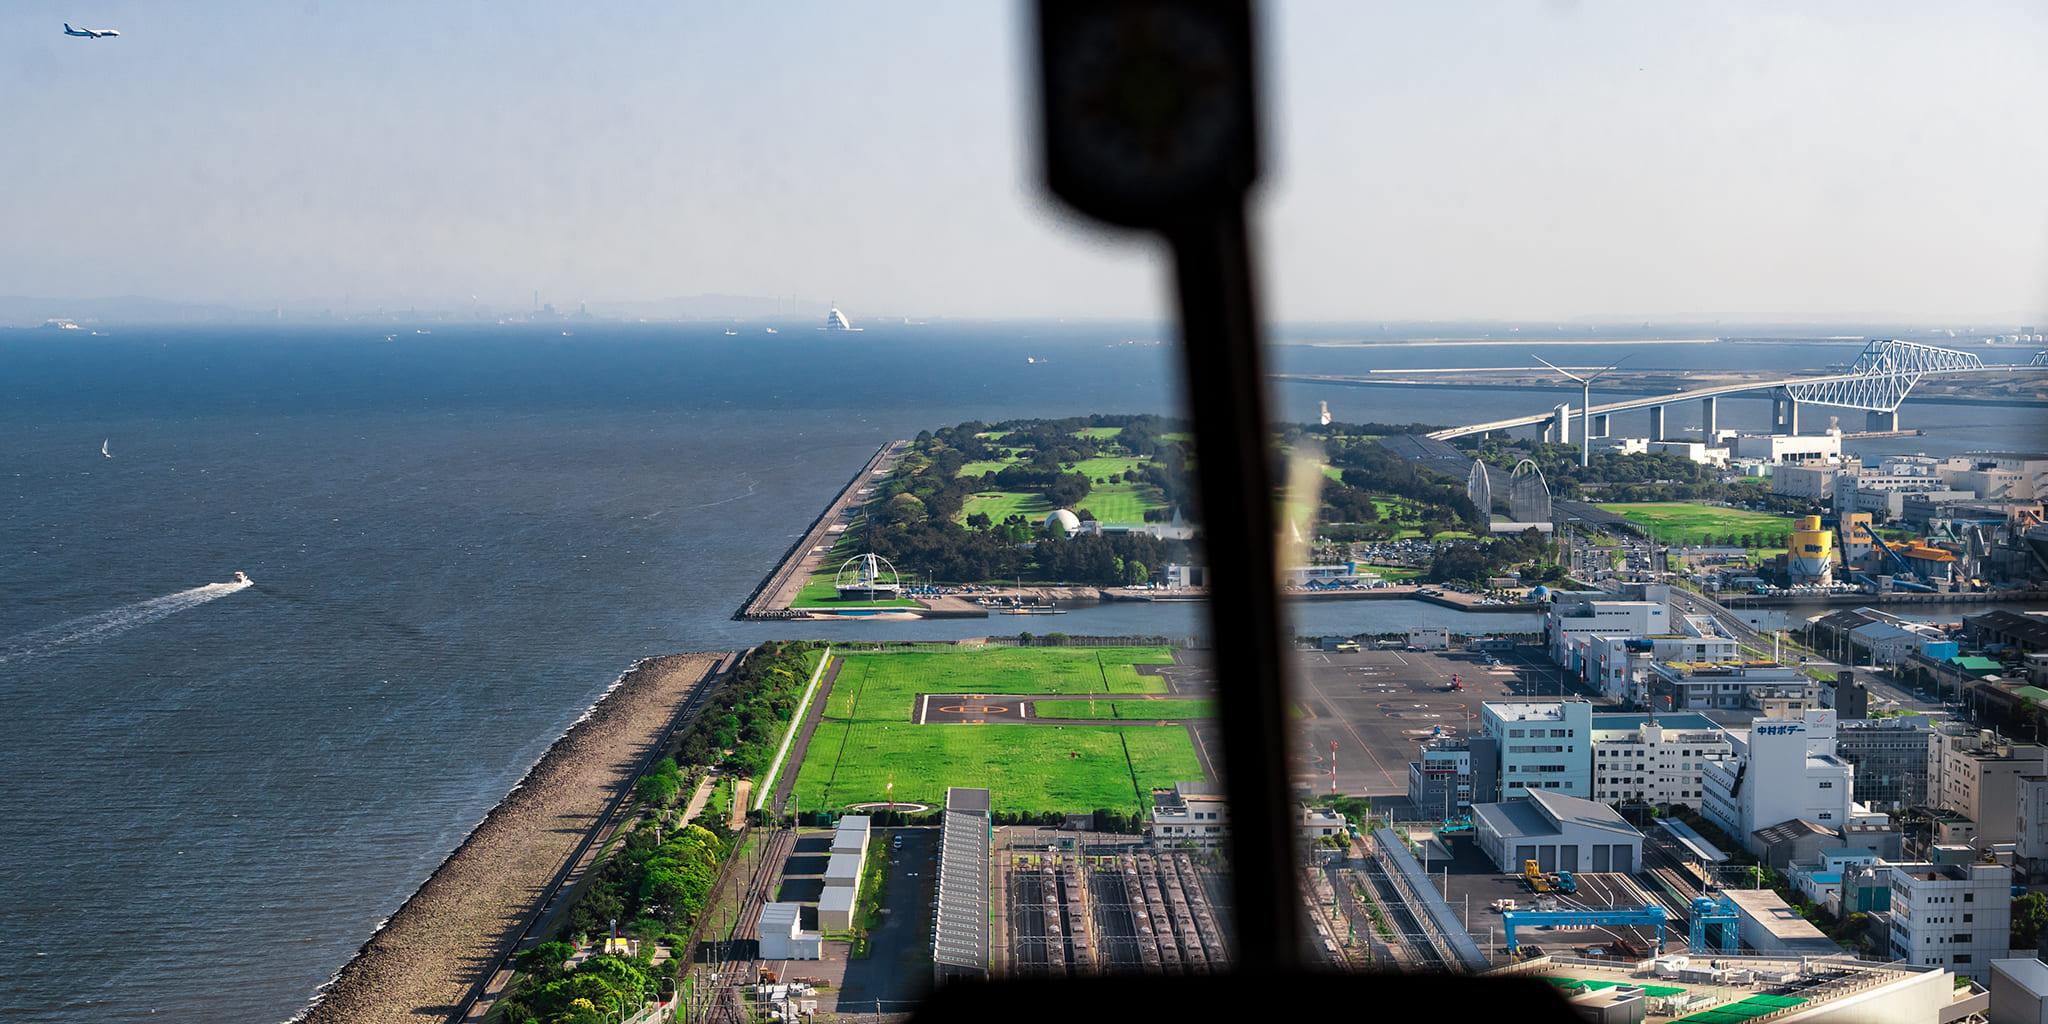 ヘリコプターで東京上空から見下ろす東京ヘリポート